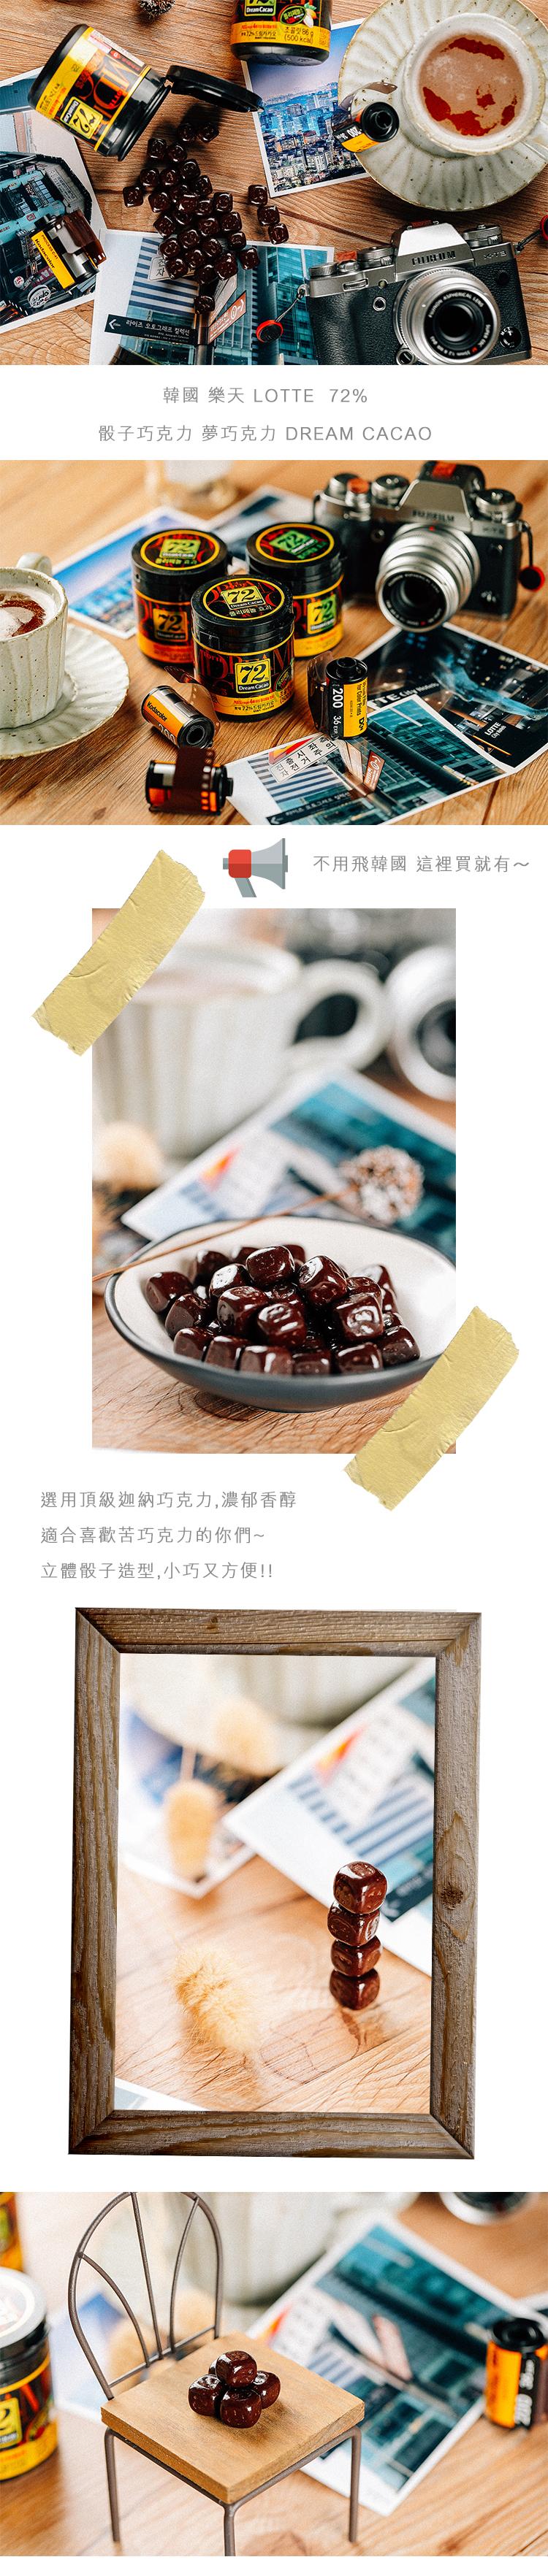 樂天骰子巧克力72%巧克力ec